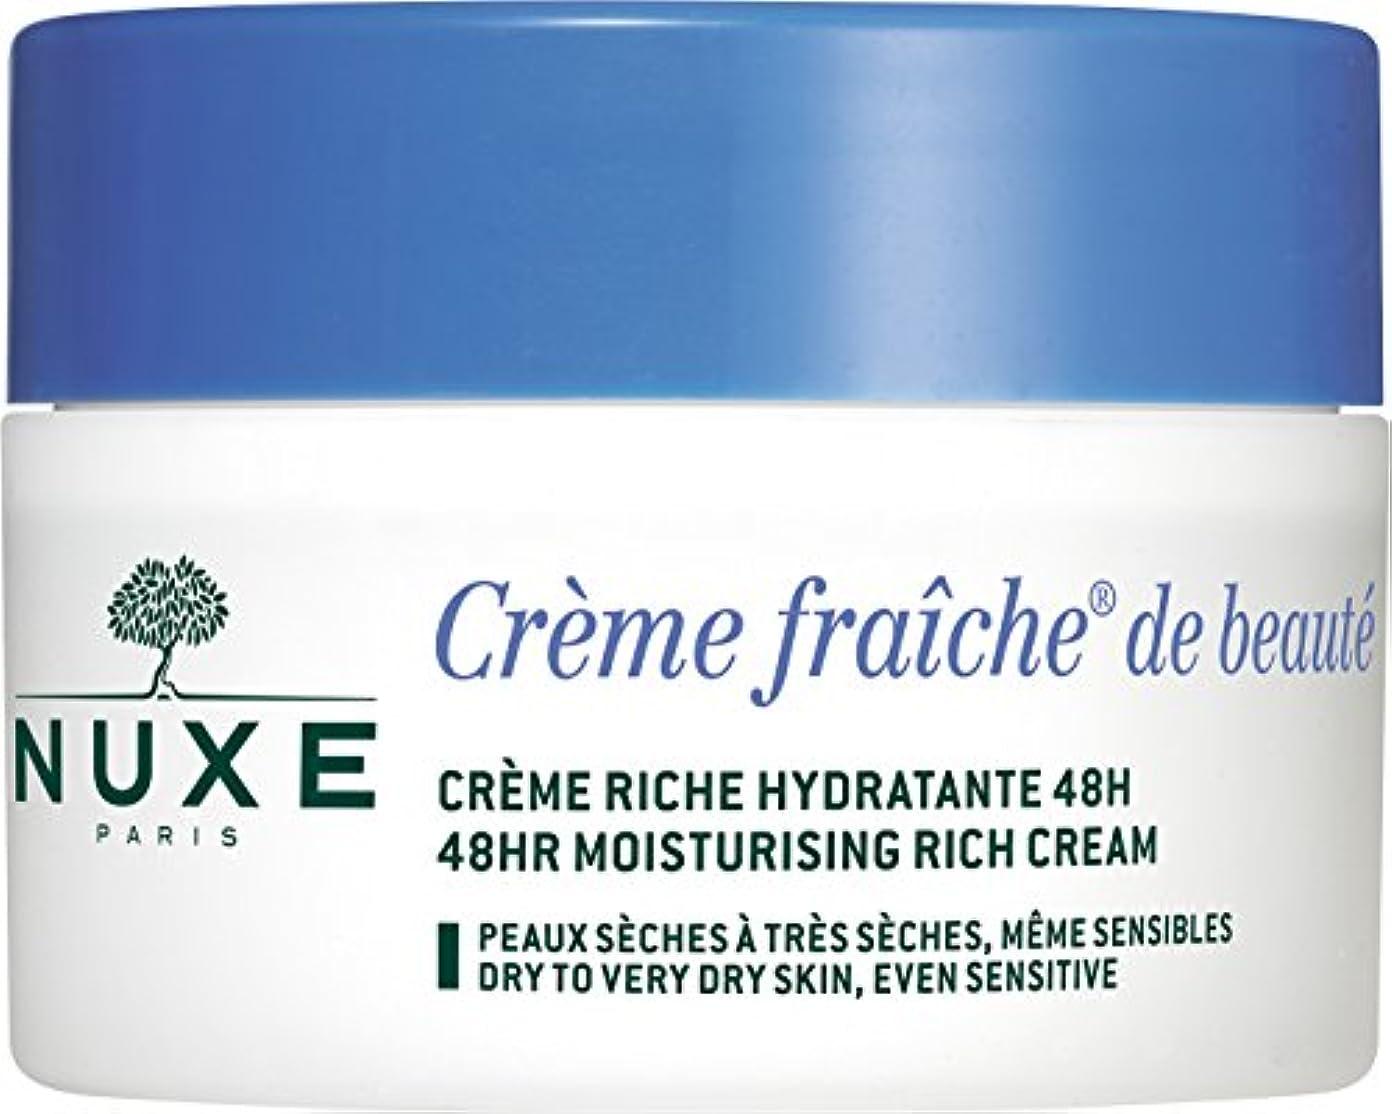 実際刺すつかいます[ニュクス]クレーム フレッシュ モイスチャライジング クリーム リッチ 50ml 乾燥?超乾燥肌用 [NUXE] CREME FRAICHE DE BEAUTE CREME RICHE HYDRATANTE 48H 50ml...